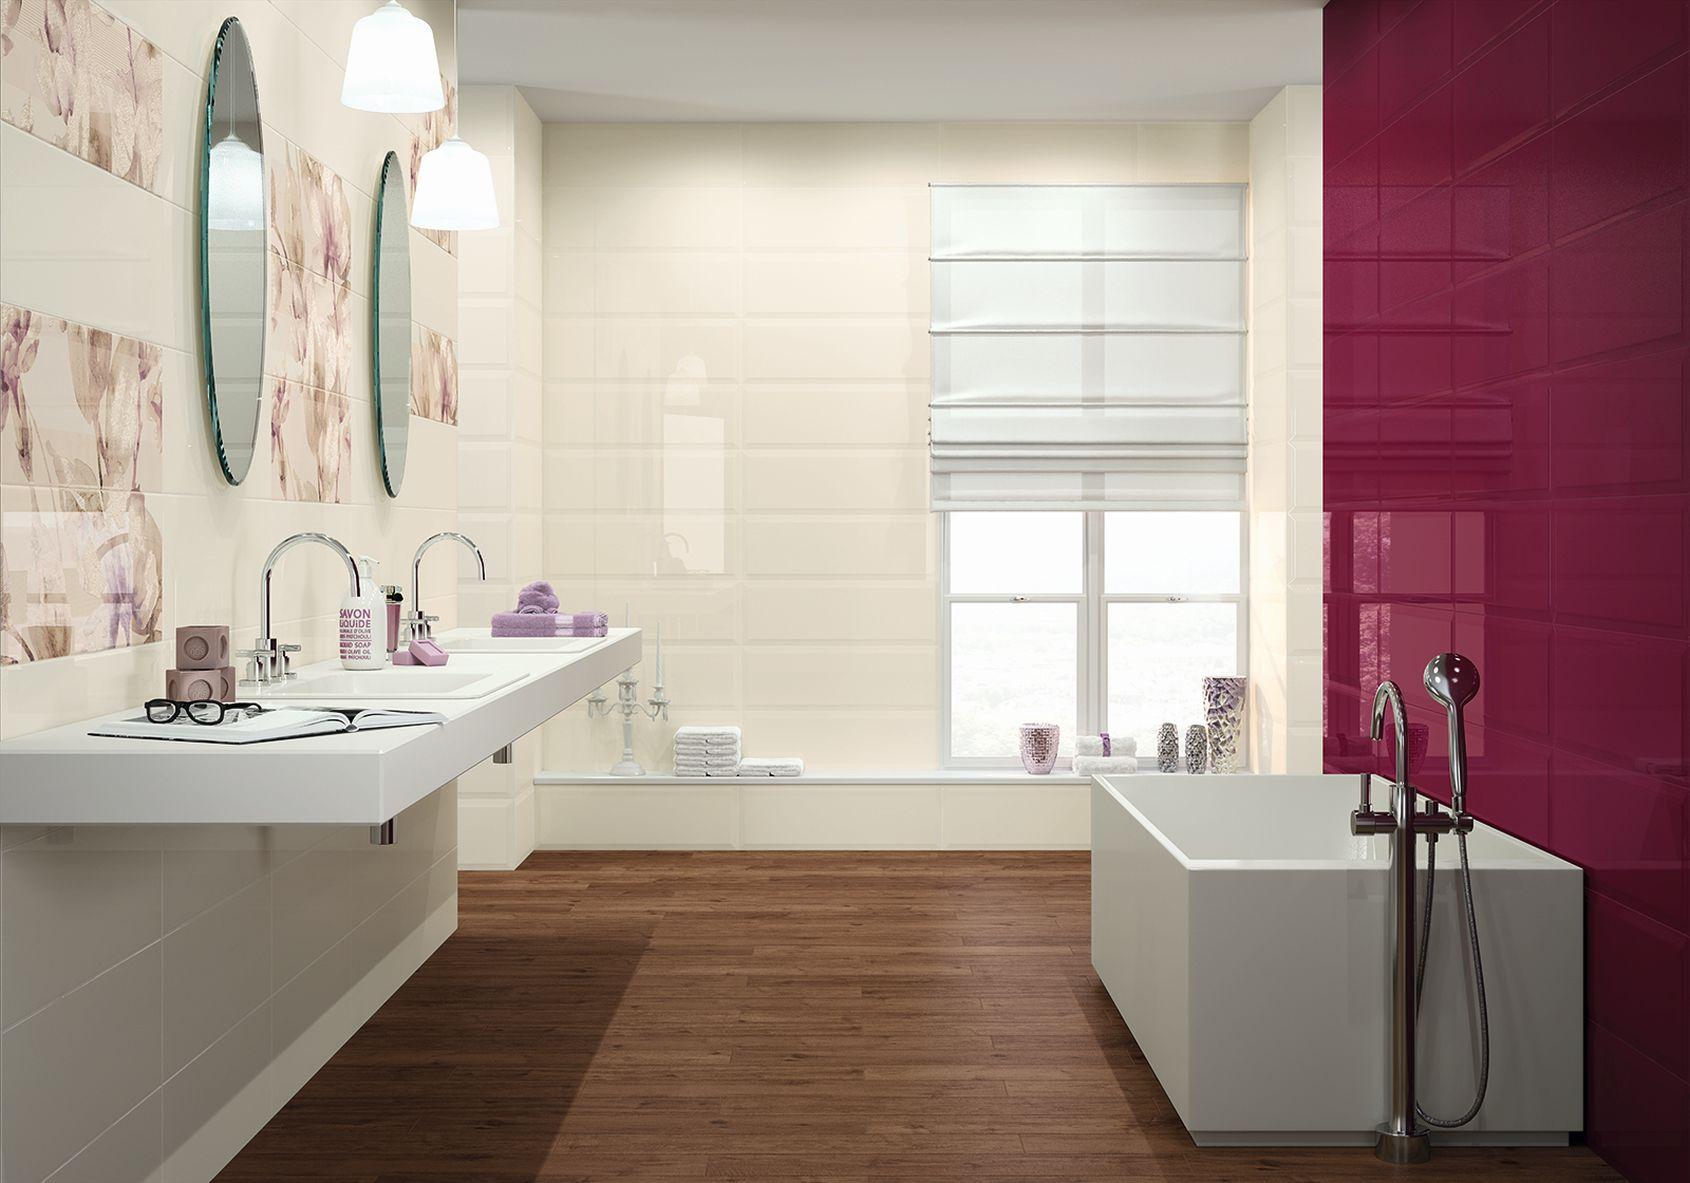 Carrelage violet: voir les collections - Marazzi 6153